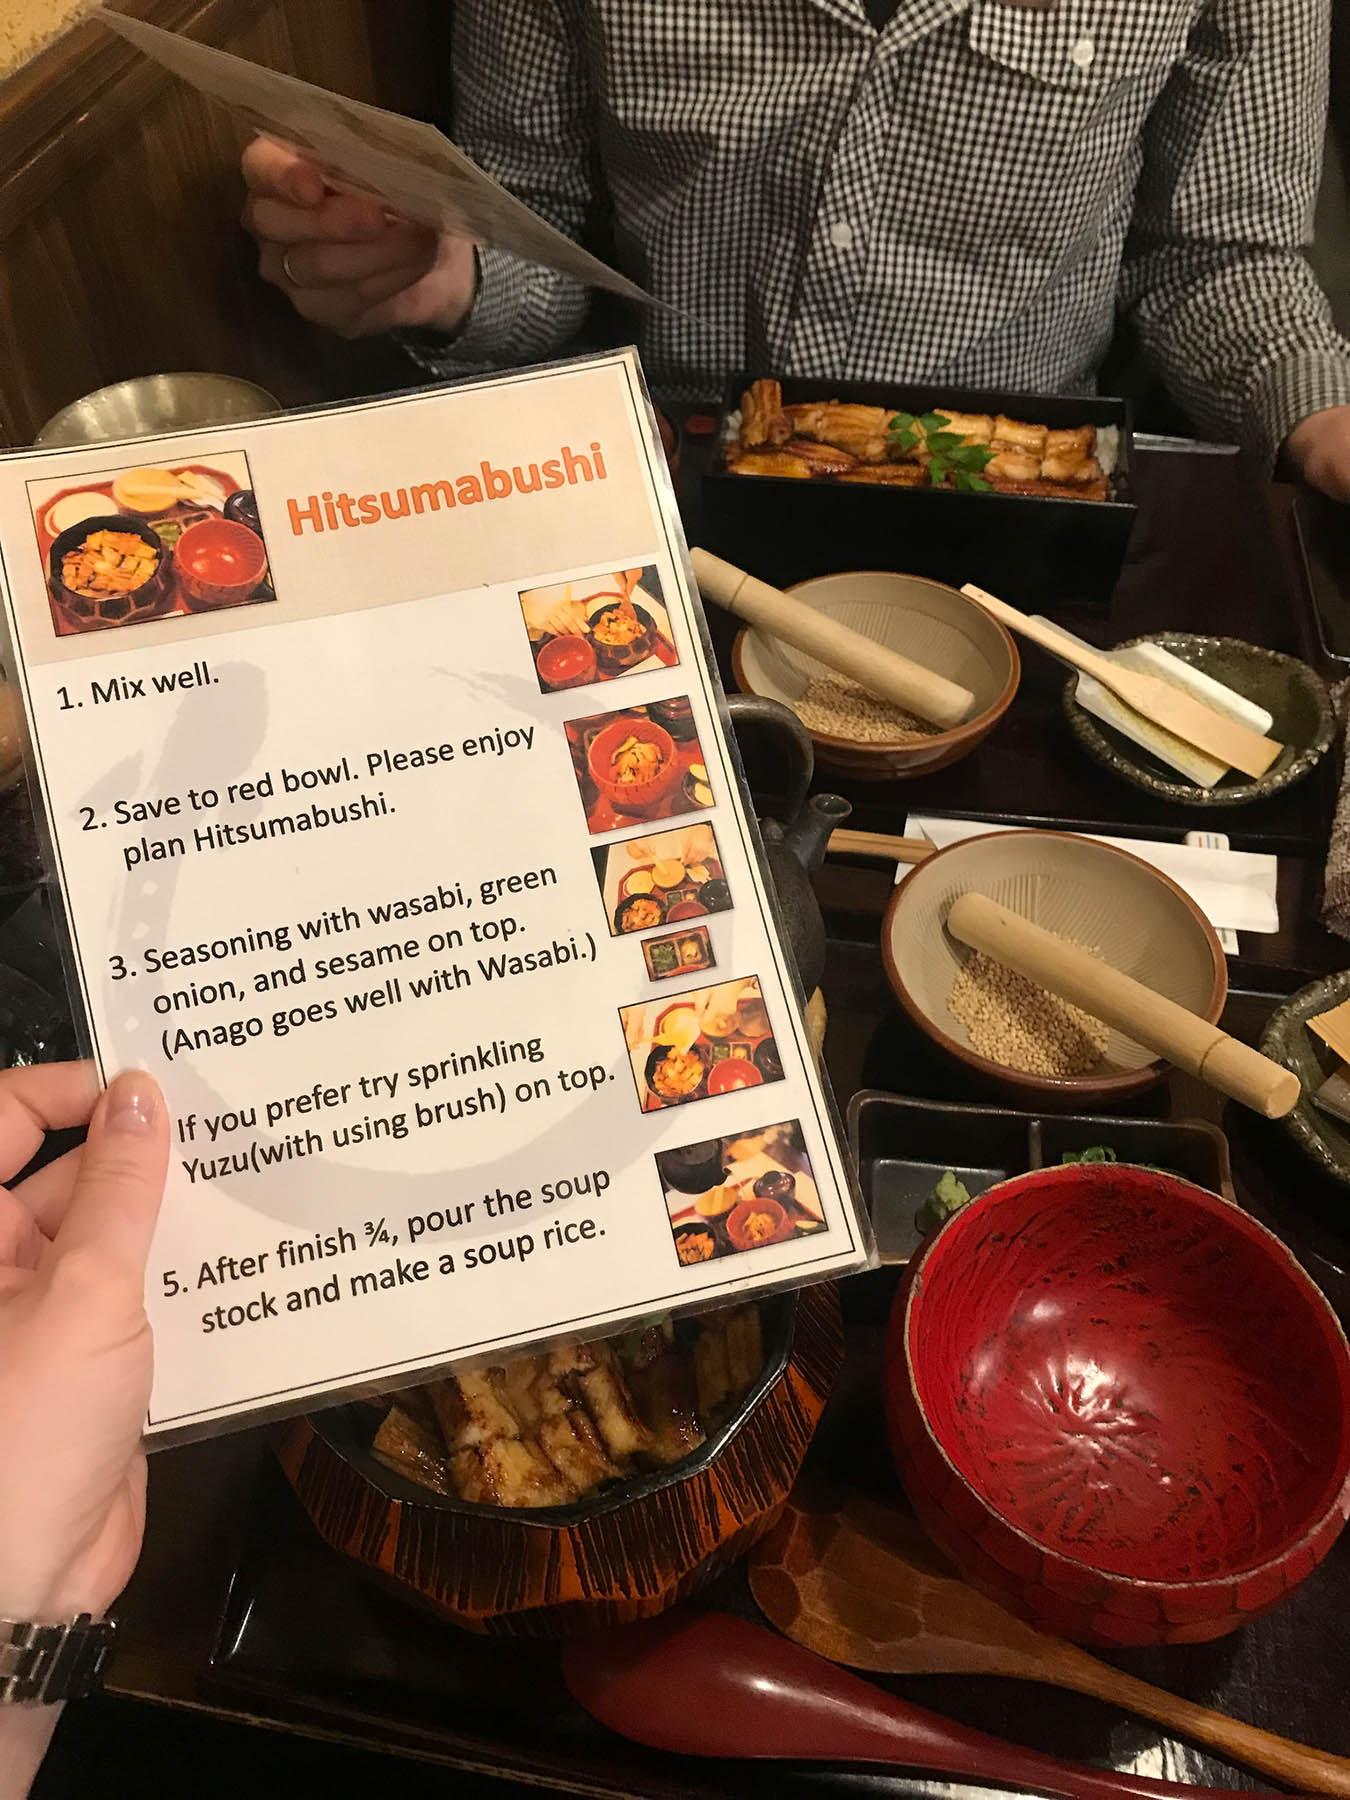 Вместе с едой приносят инструкцию, как все это правильно перемешивать и есть